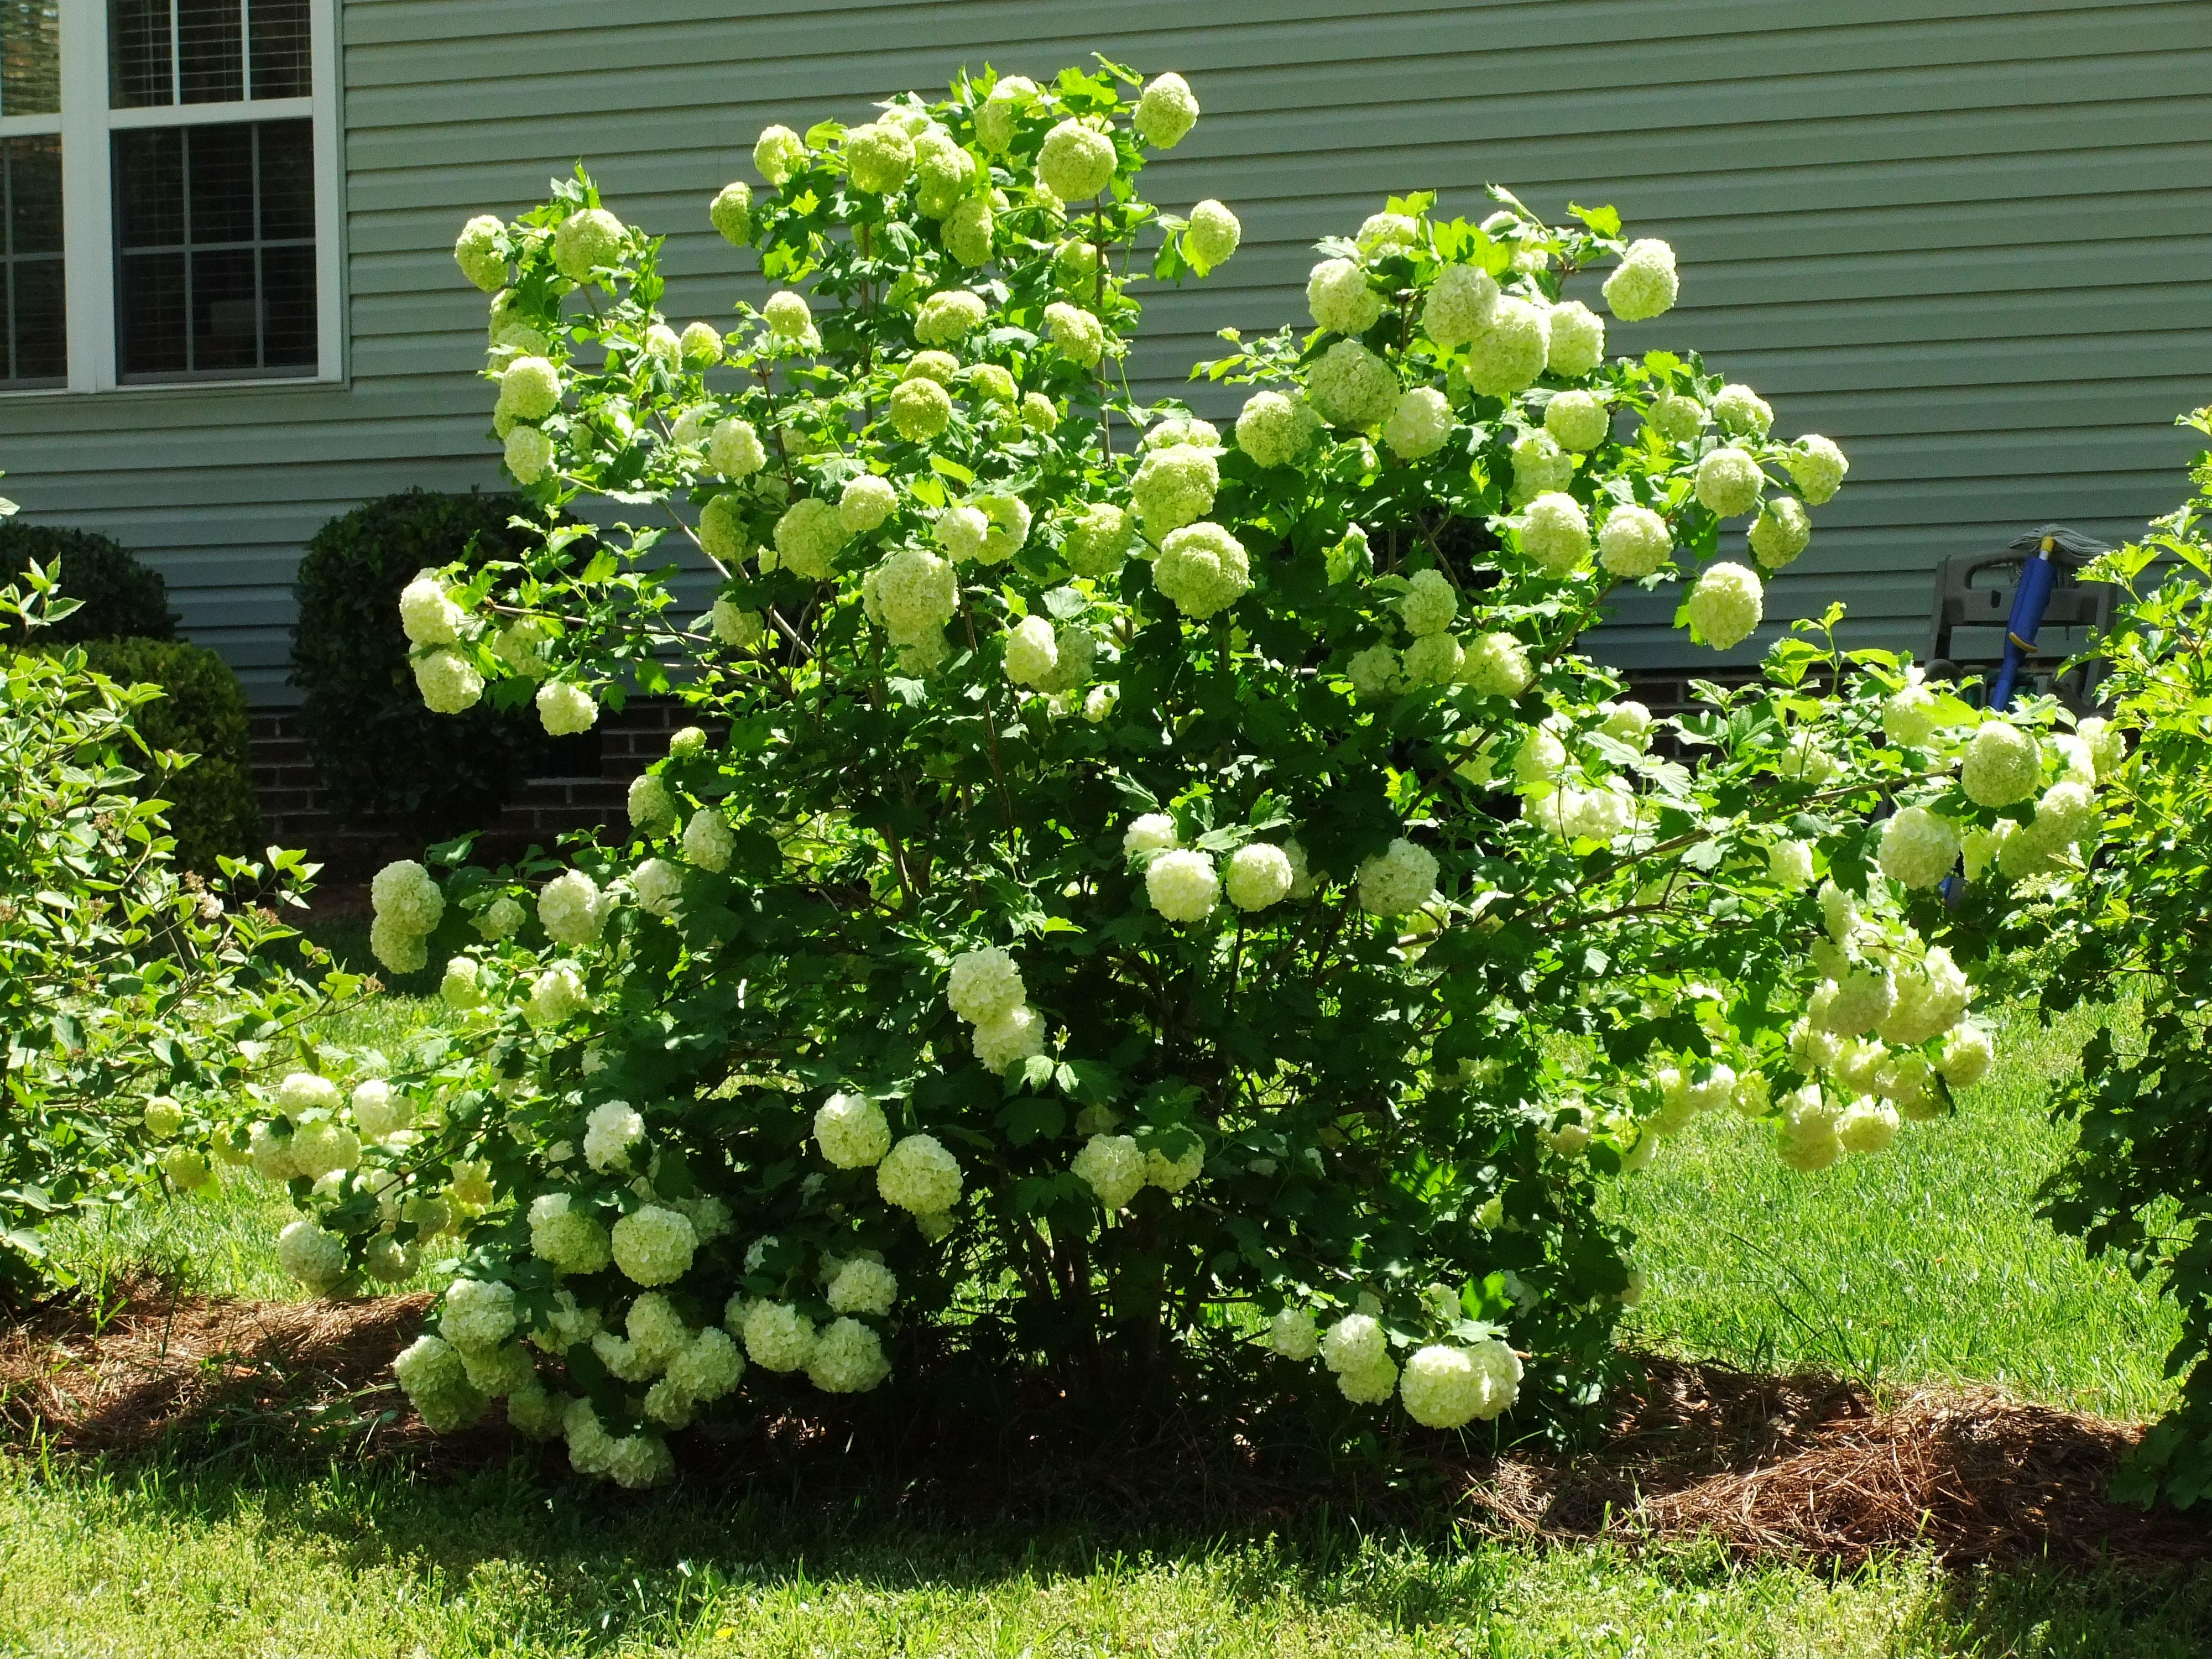 Poda de rododendros y otros arbustos de flores de primavera | La Posada en Honey Run